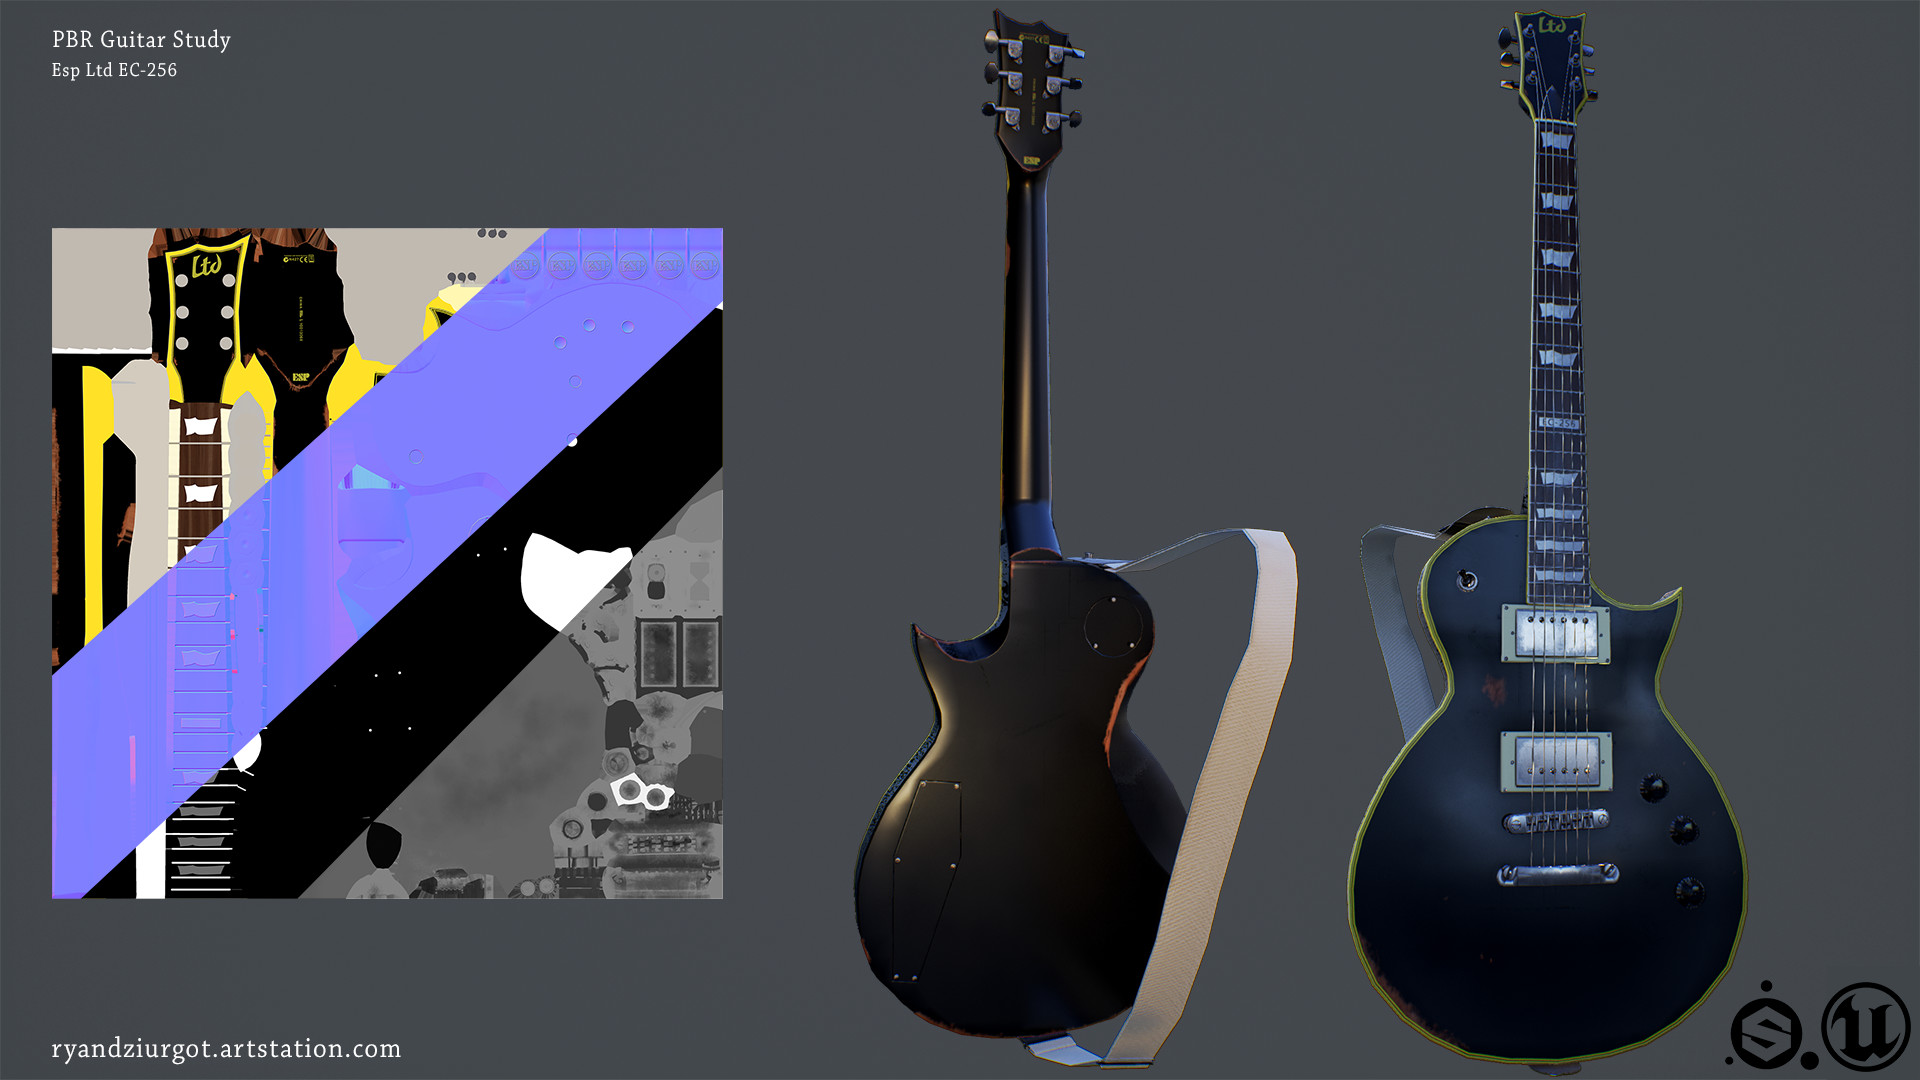 Music - Guitar Metal Wallpaper